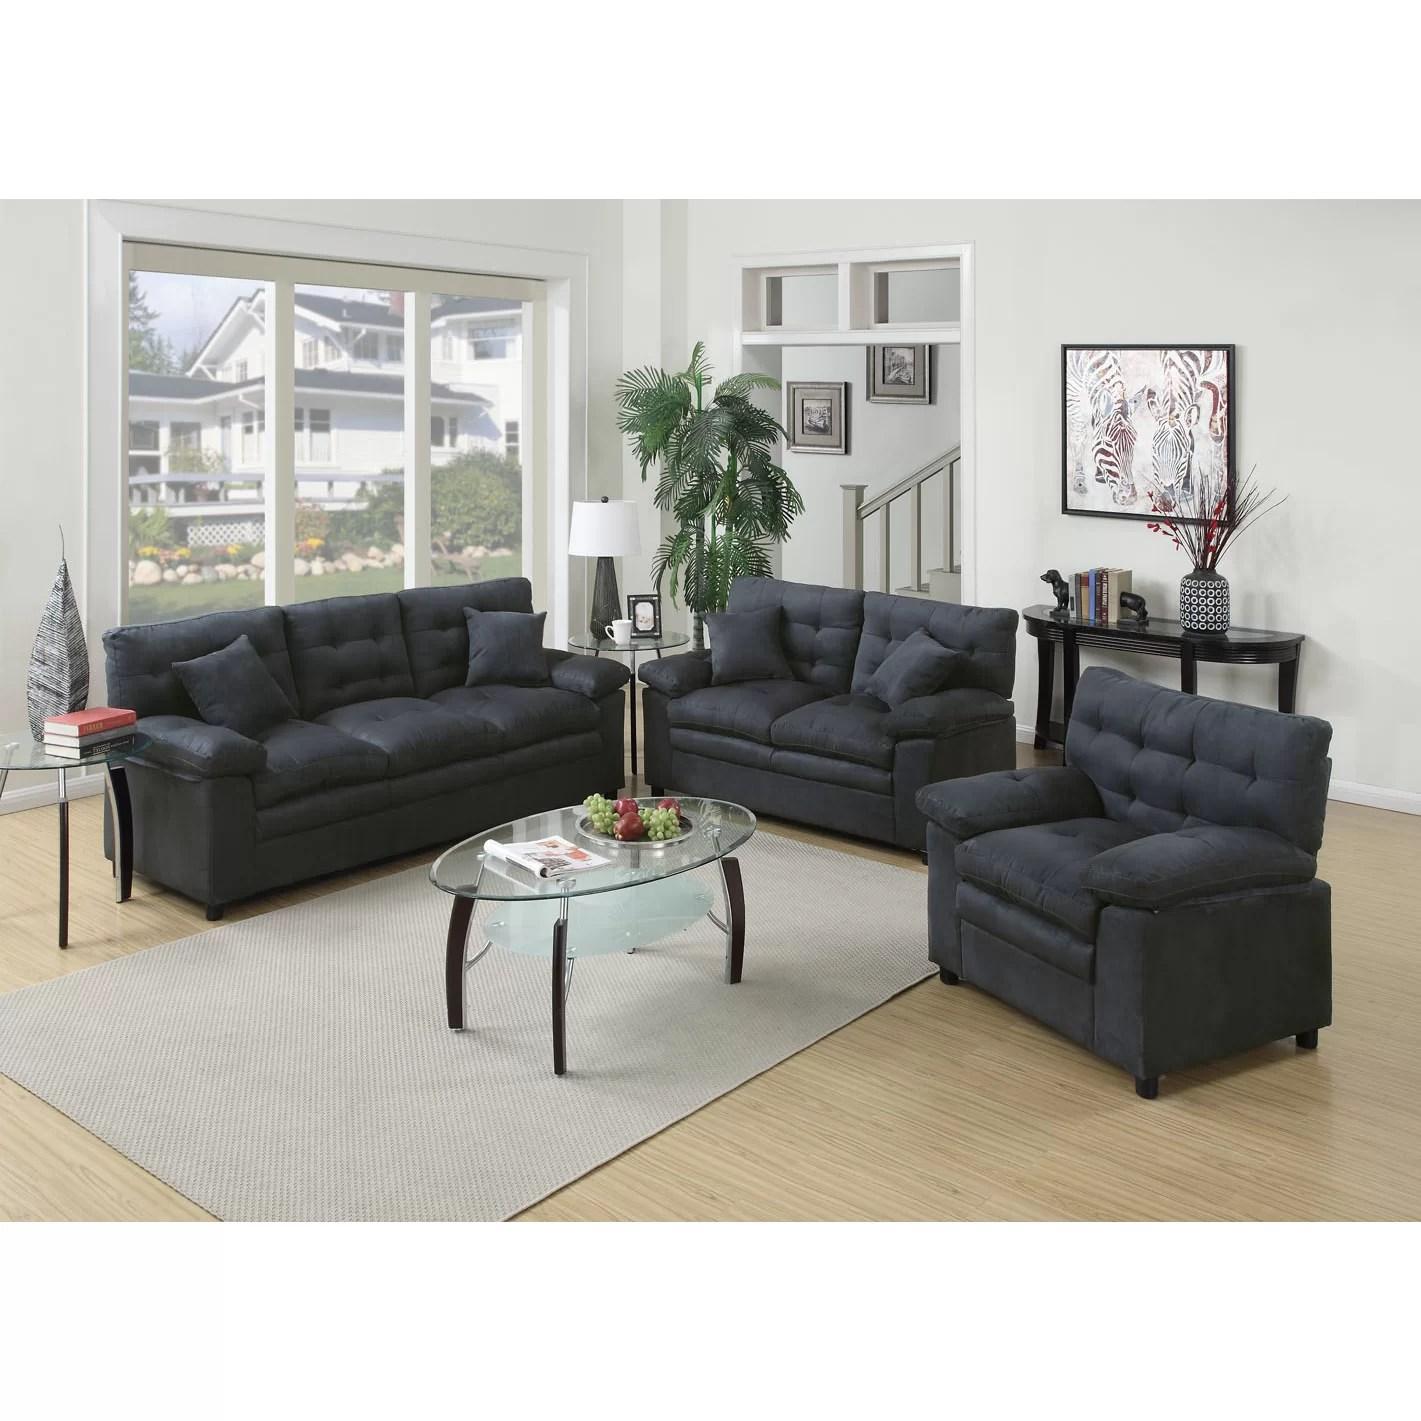 Poundex Bobkona Colona 3 Piece Living Room Set & Reviews